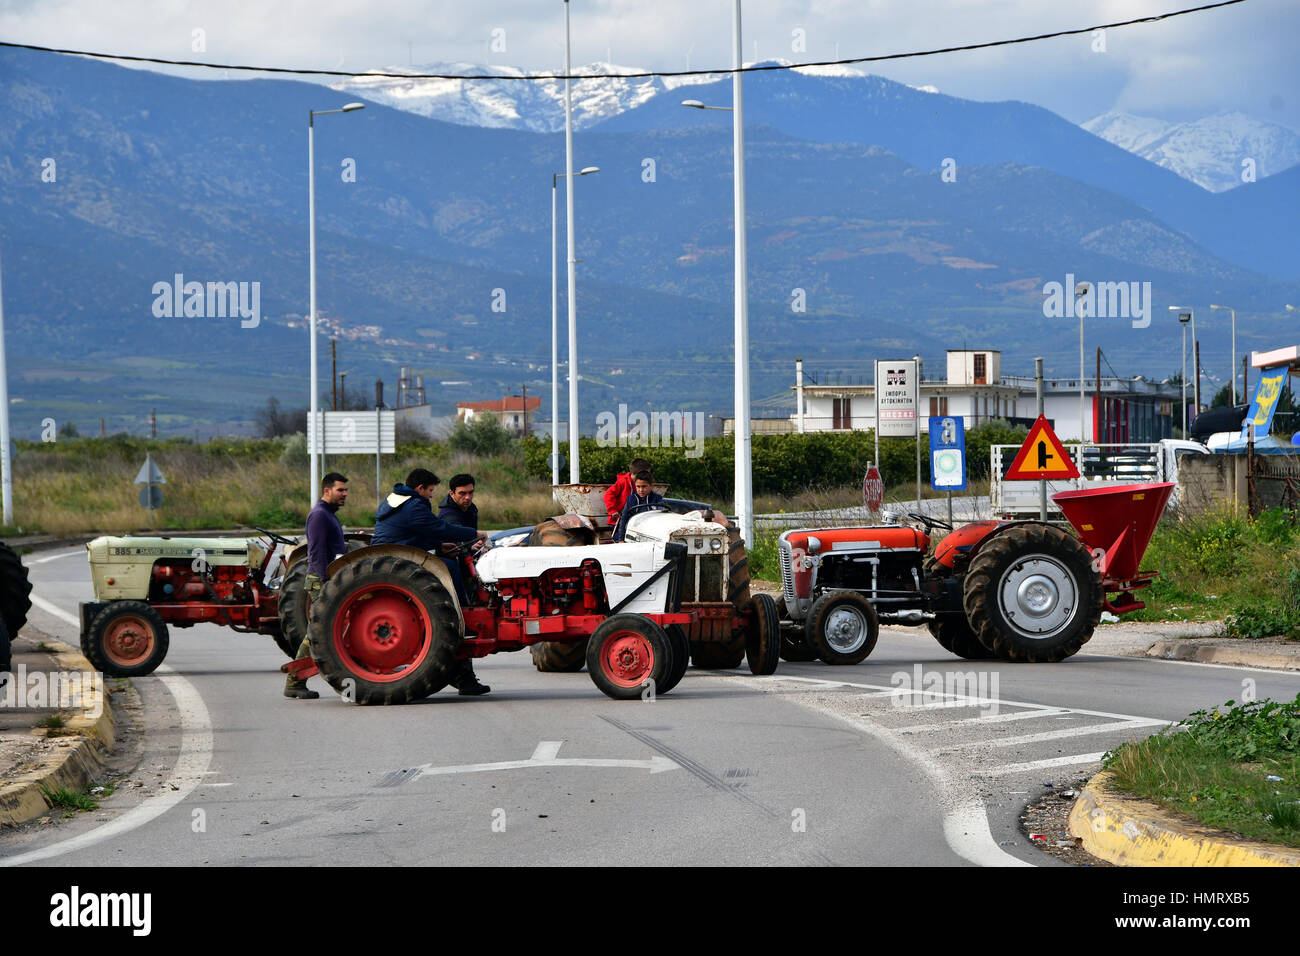 Les agriculteurs et les éleveurs d'Argolide, dans le Péloponnèse, l'est fait un bloc de deux heures de route Corinthe - Argos en hauteur de la rivière Inachos érigée et le blocus des agriculteurs et éleveurs dans la région, dimanche 5 février 2017 Banque D'Images